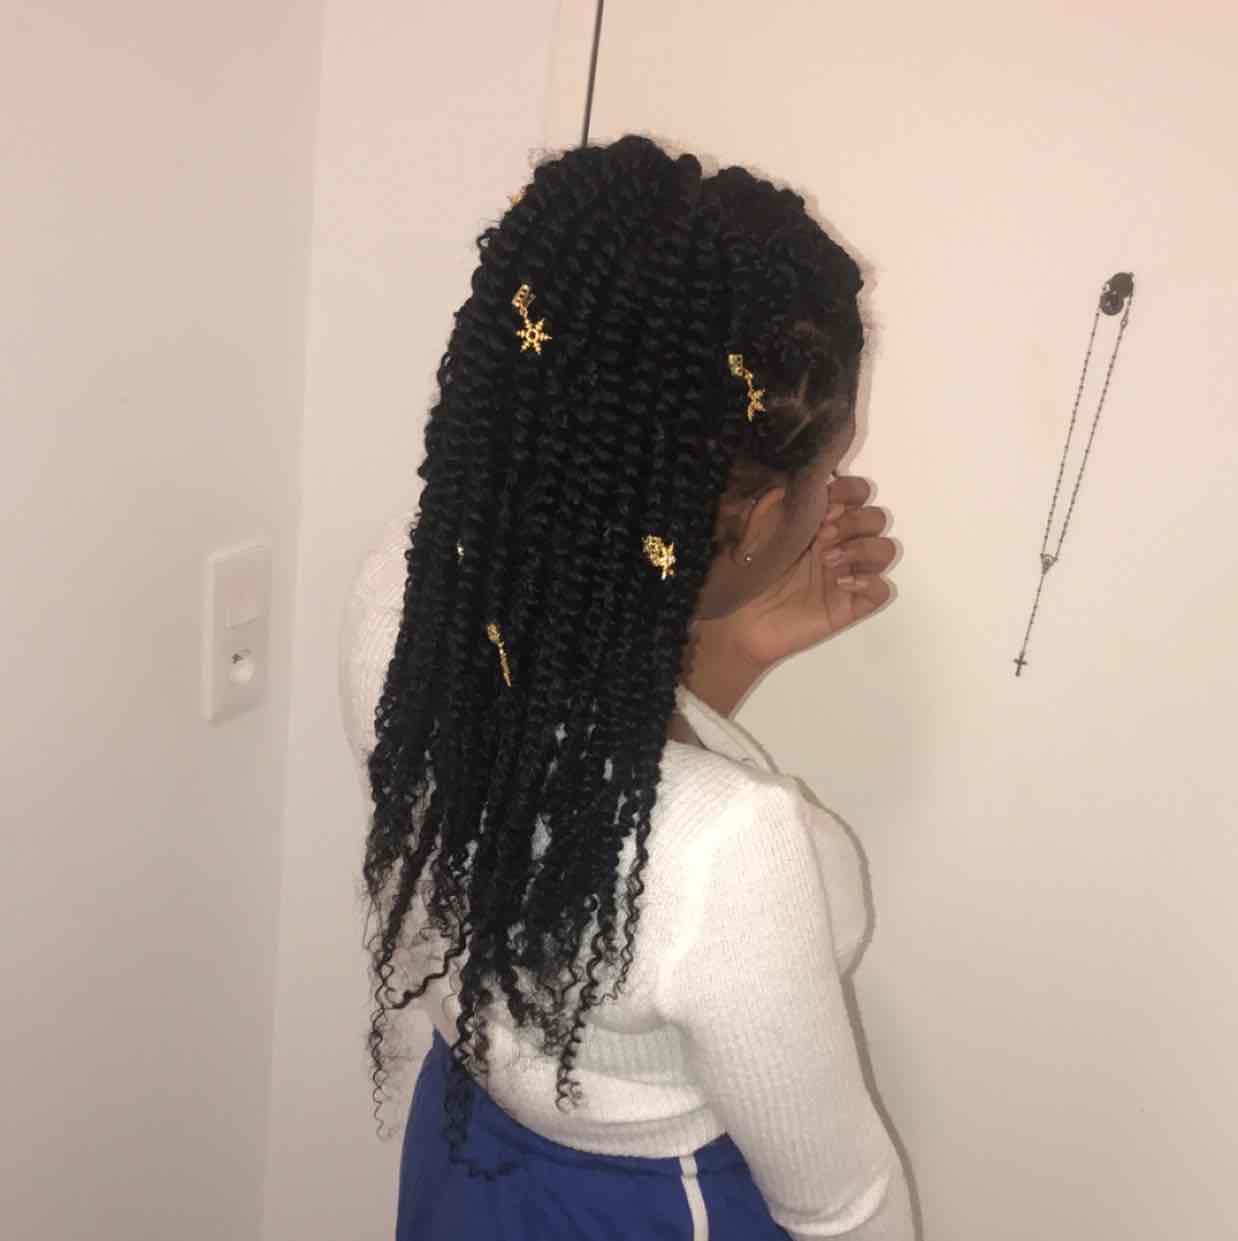 salon de coiffure afro tresse tresses box braids crochet braids vanilles tissages paris 75 77 78 91 92 93 94 95 ZOZSTTOF